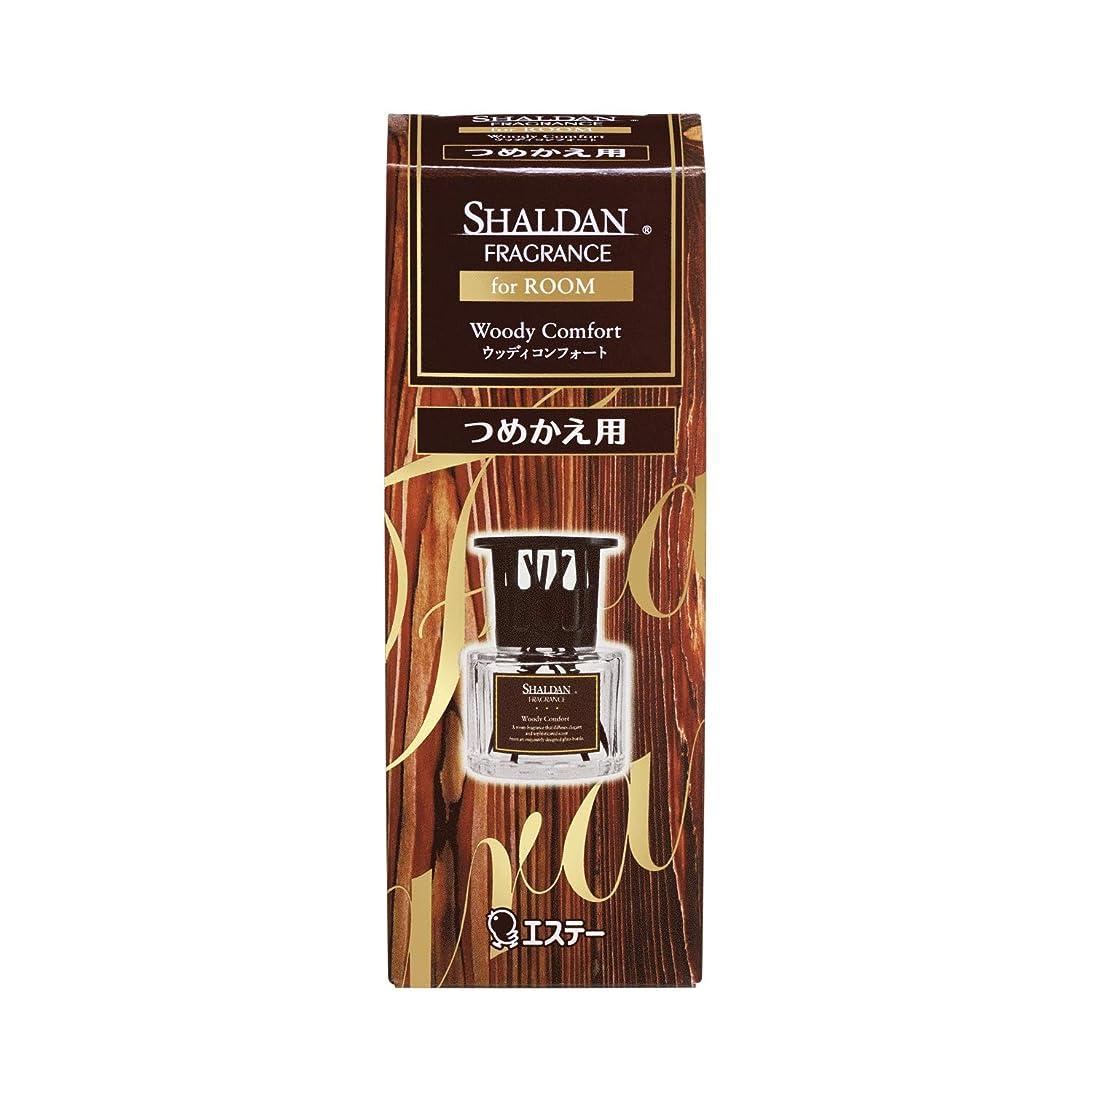 どういたしましてディスカウント十分にシャルダン SHALDAN フレグランス for ROOM 芳香剤 部屋用 つめかえ ウッディコンフォート 65mL